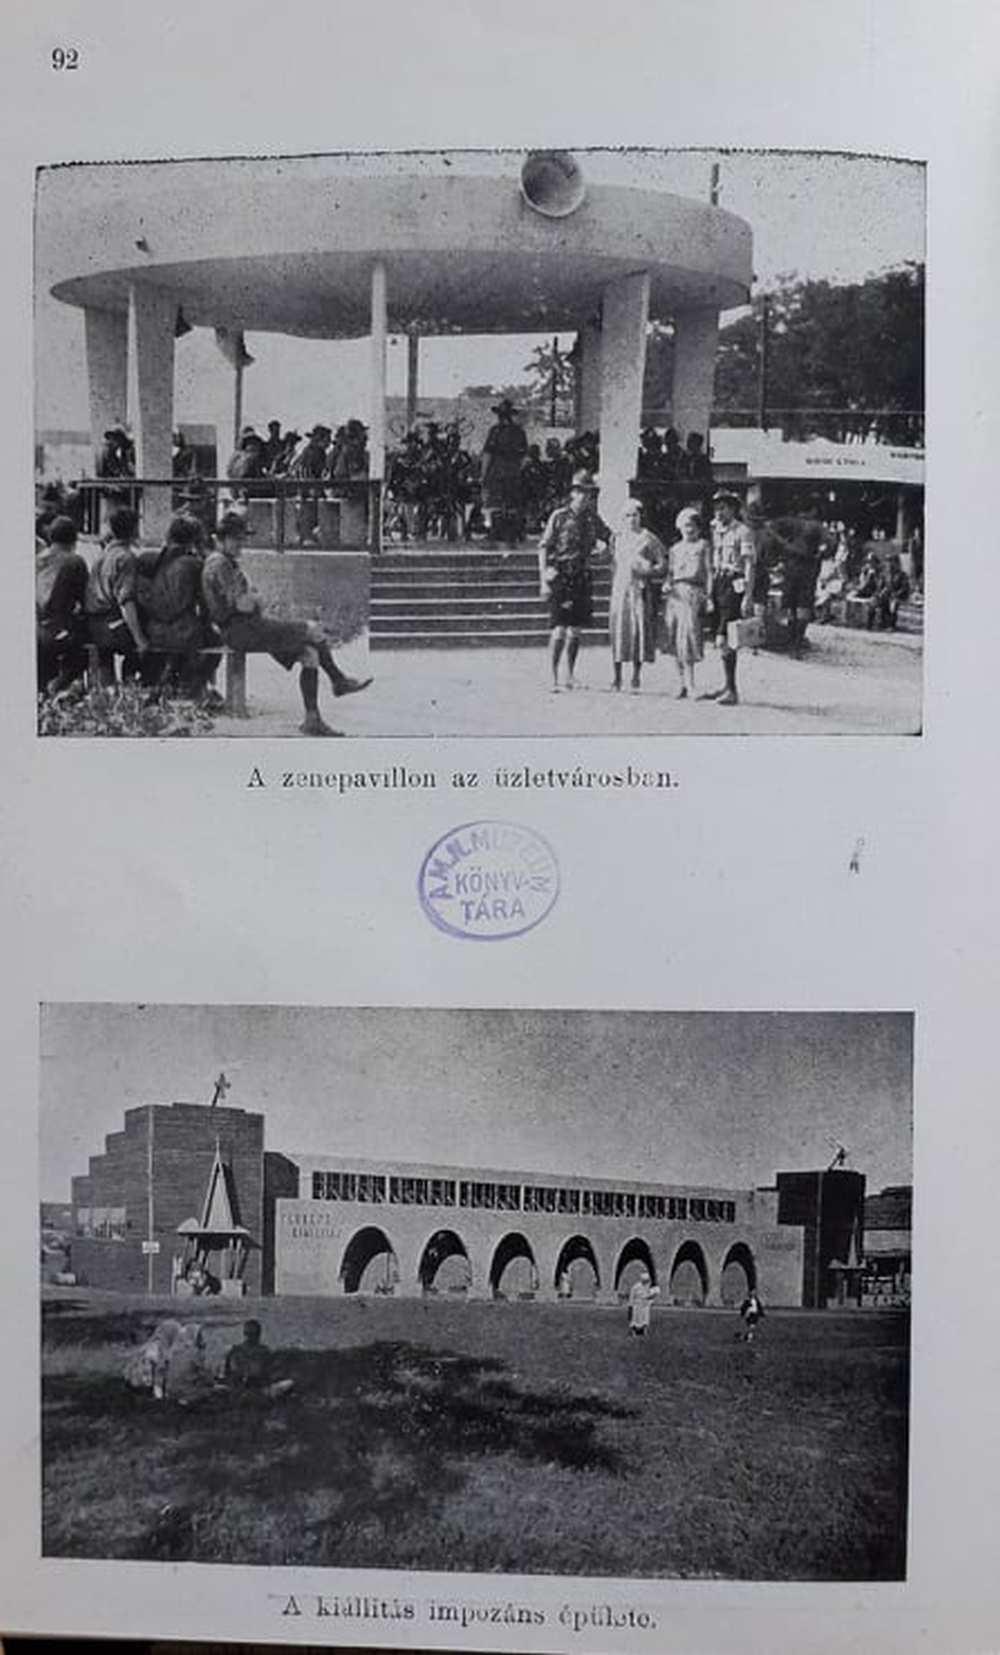 A zenepavilon és a kiállítási épület. In. Jamboree különlegességek, szerk.: Windhaber Alajos, Budapest, 1934, 92. – Törzsgyűjtemény http://nektar.oszk.hu/hu/manifestation/2968792